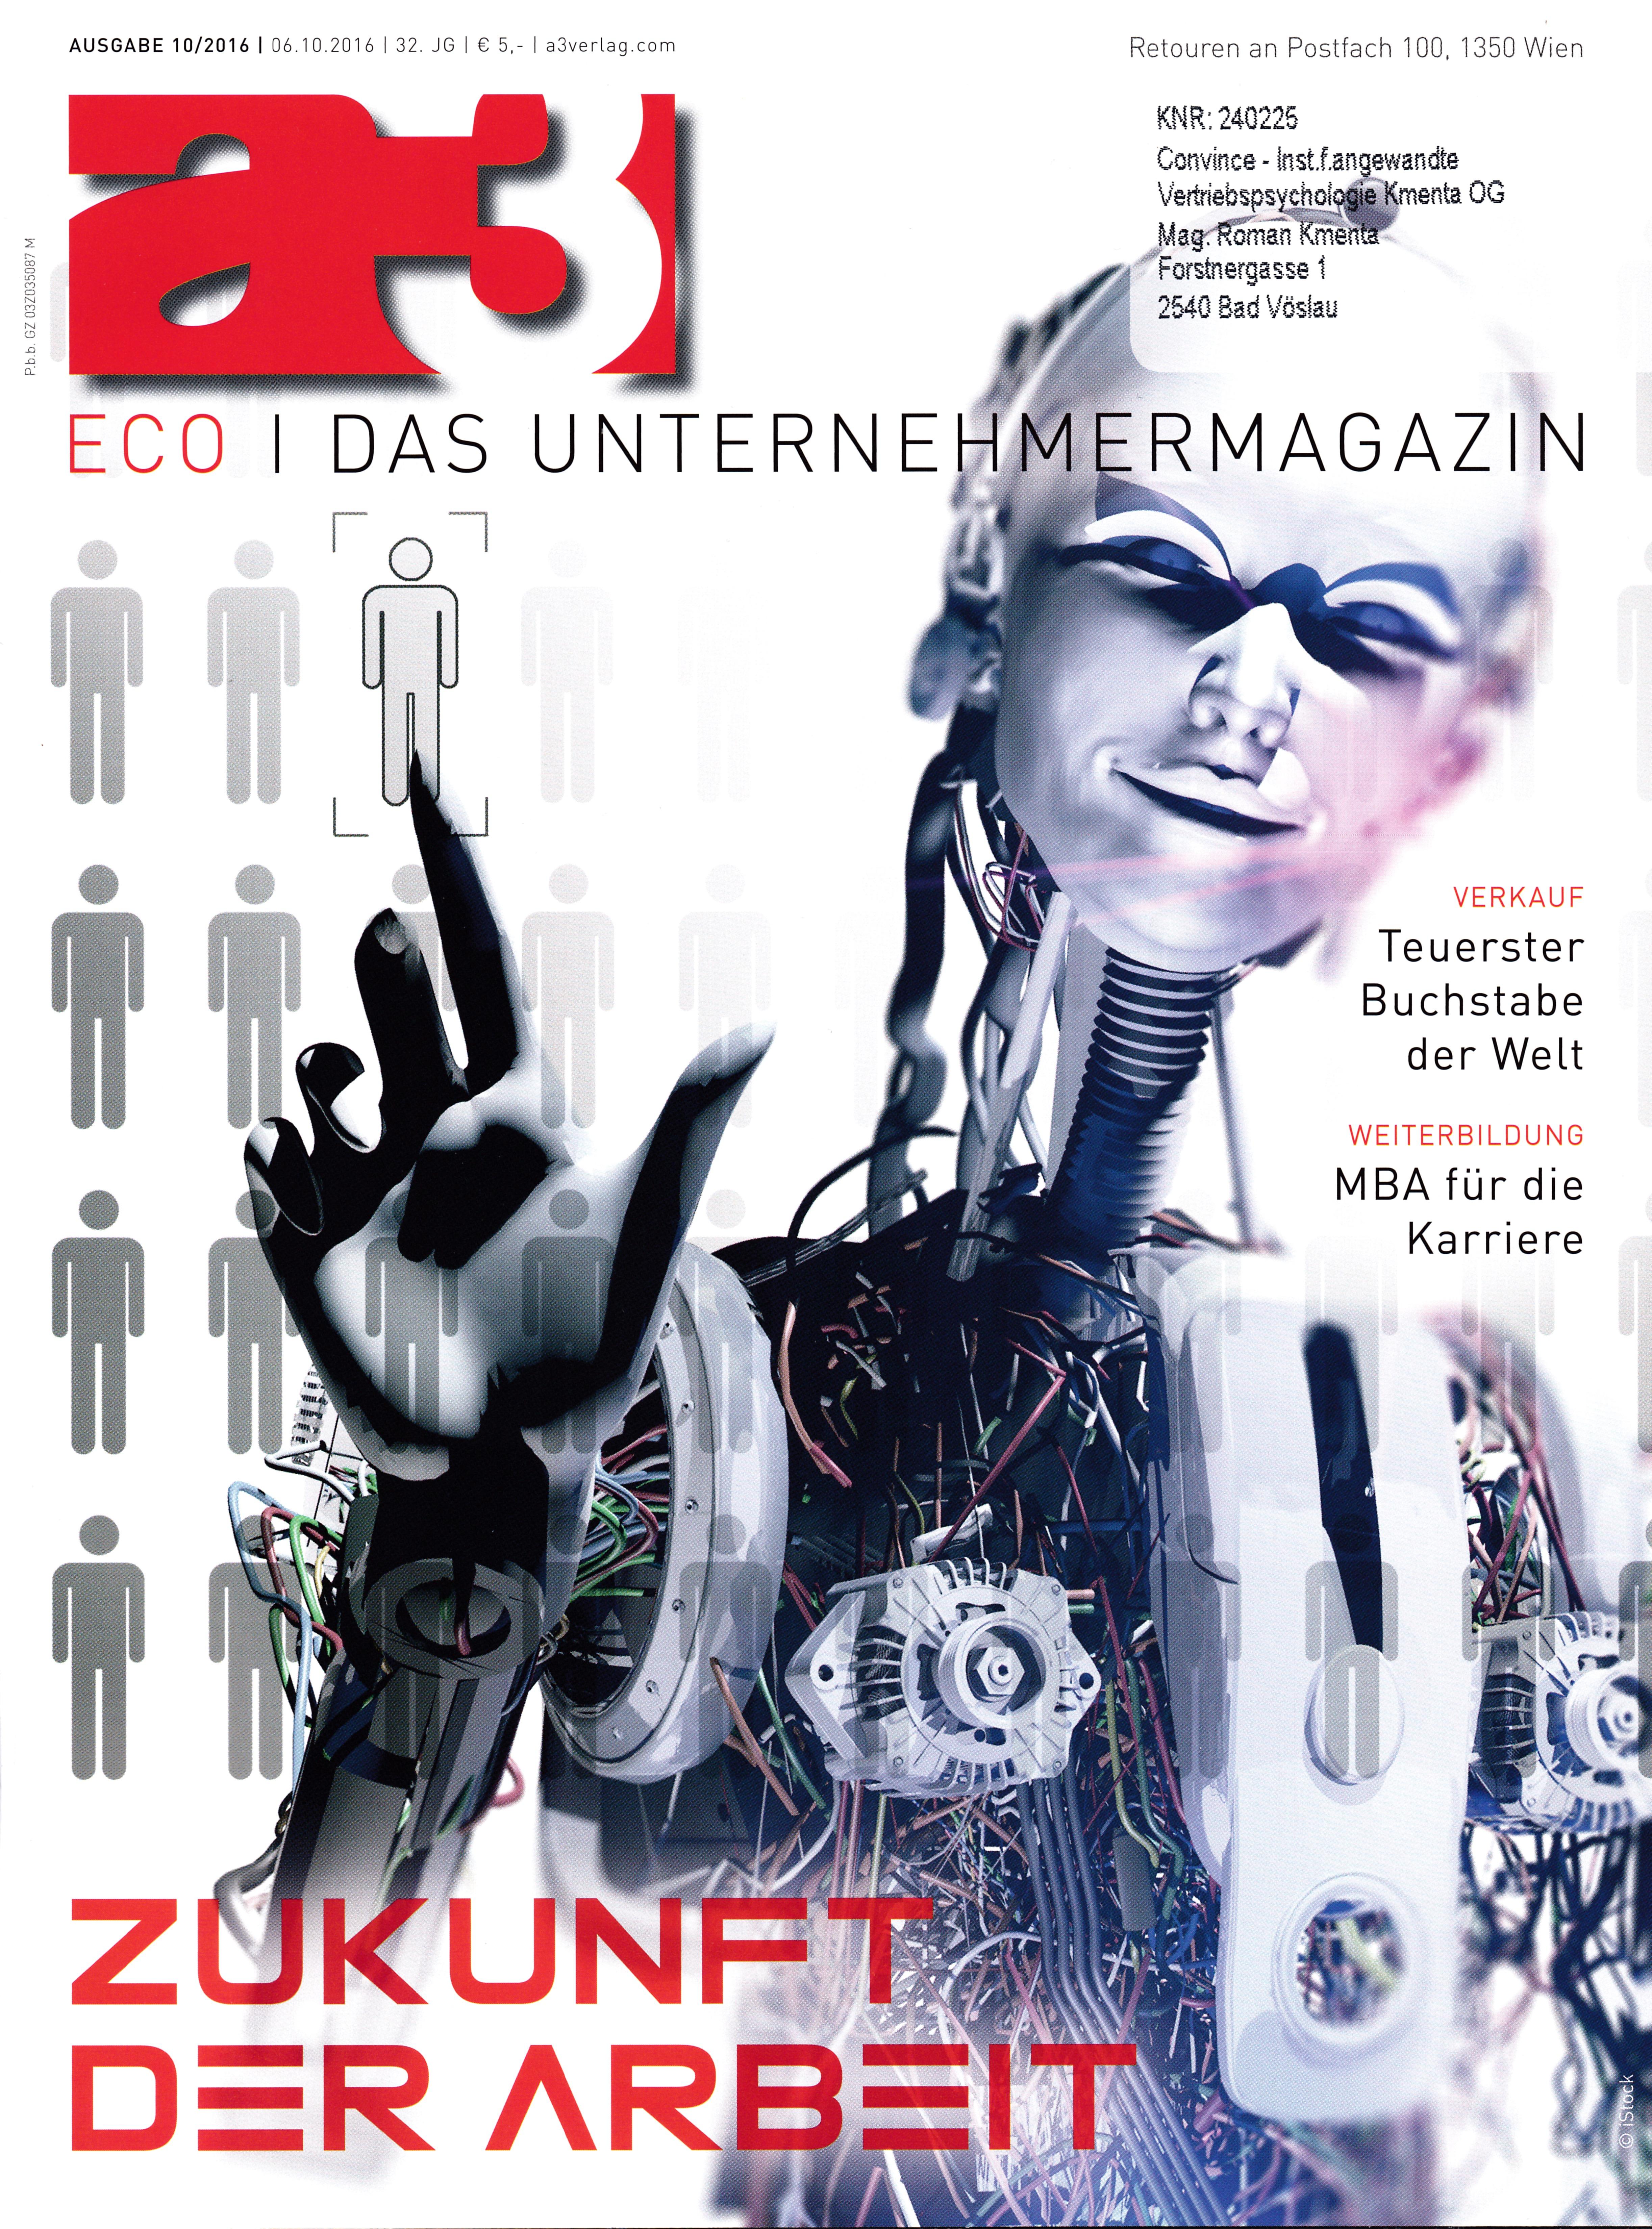 a3 ECO 10/2016 - Cover - Der teuerste Buchstabe der Welt- Roman Kmenta - Unternehmer und Trainer